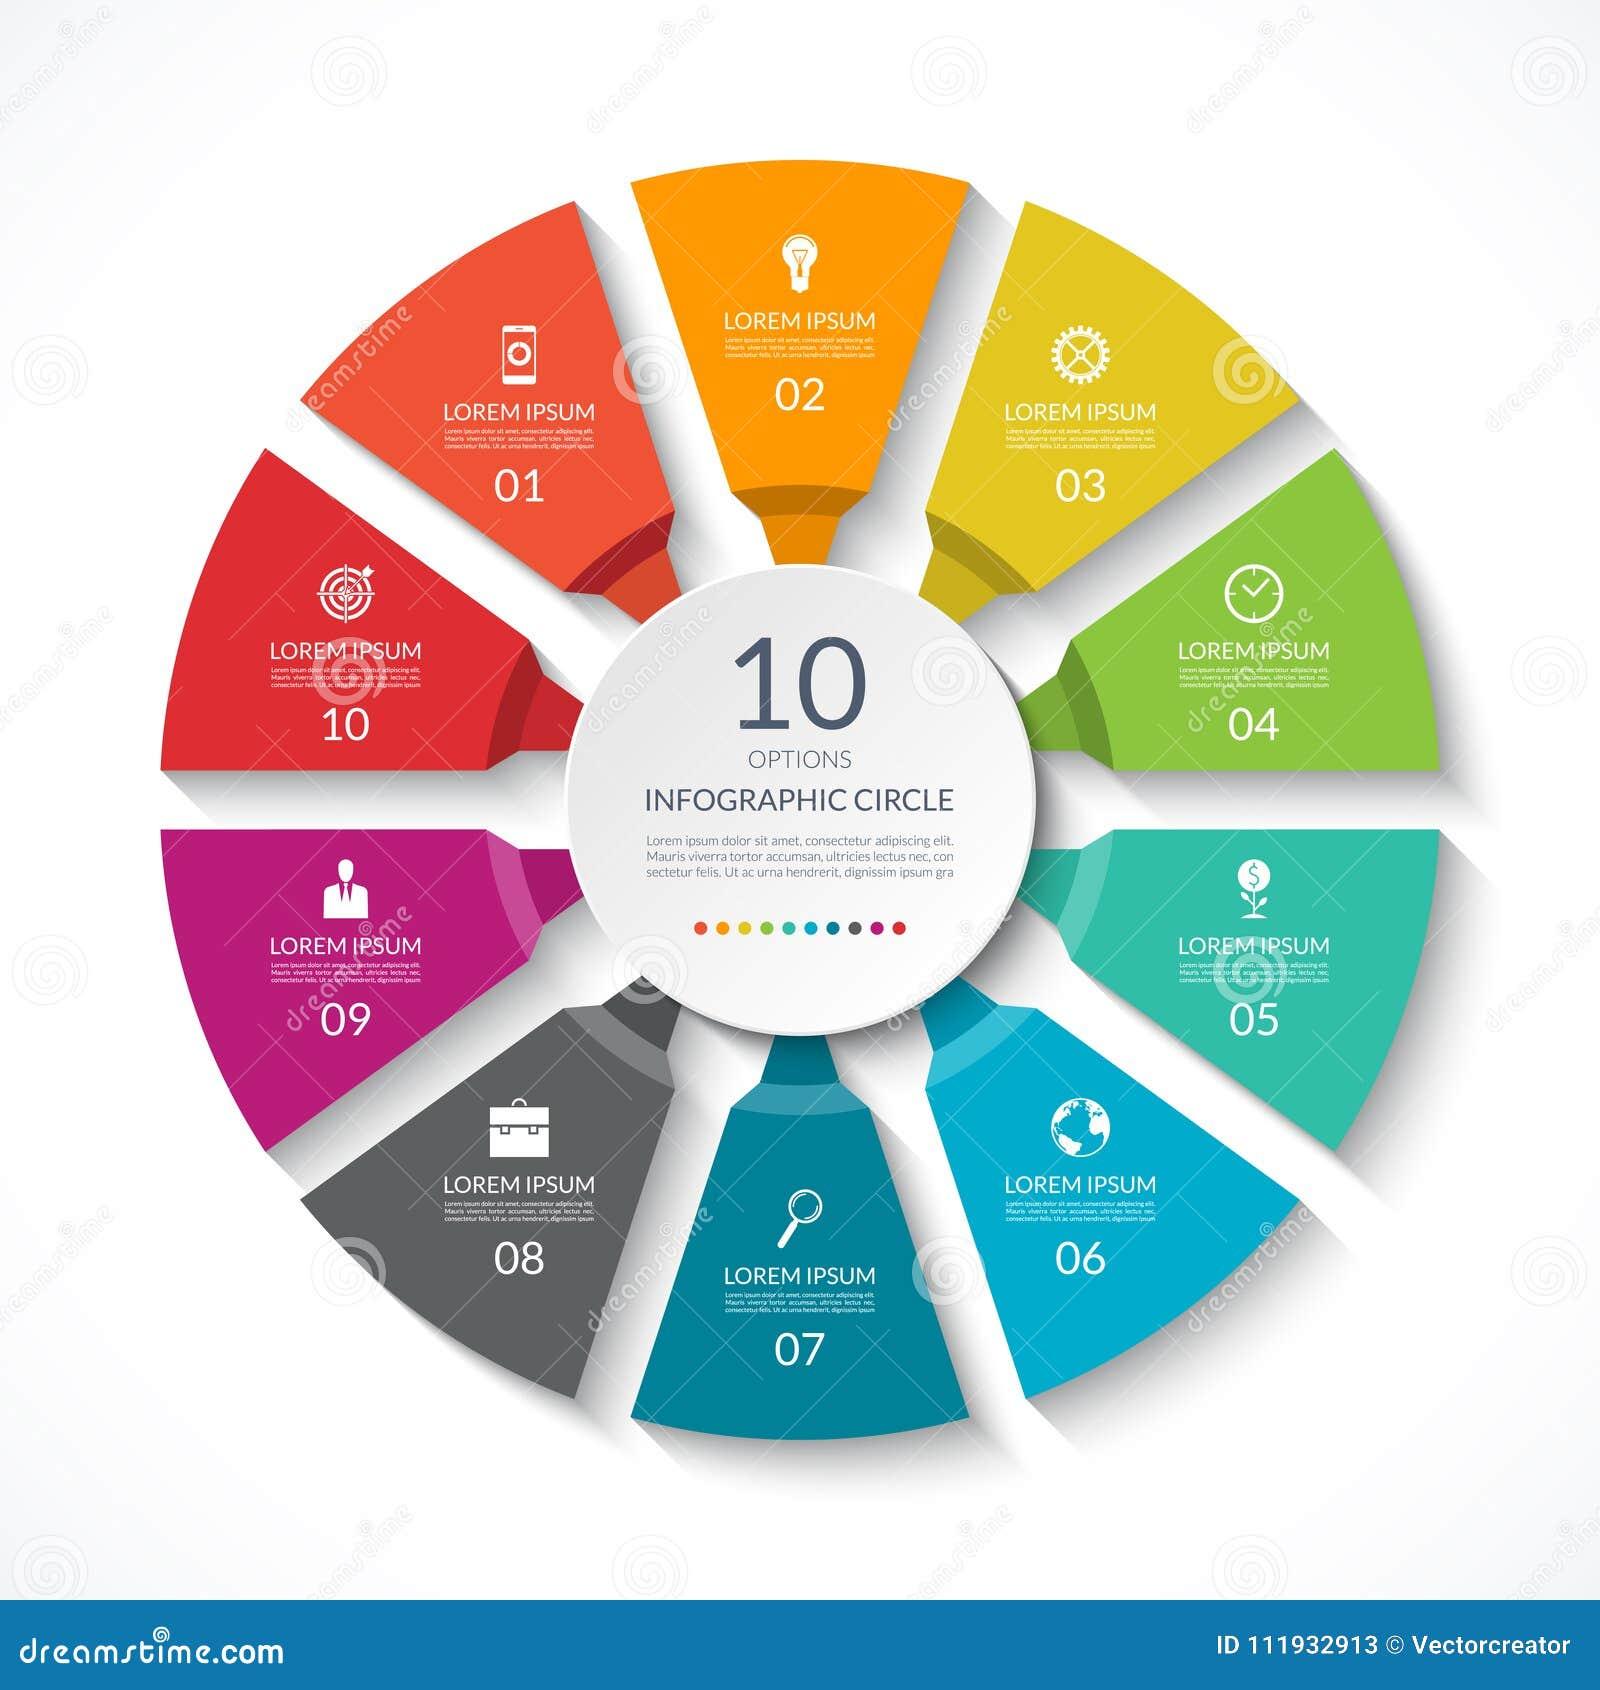 Κύκλος Infographic Διάγραμμα διαδικασίας Διανυσματικό διάγραμμα με 10 επιλογές